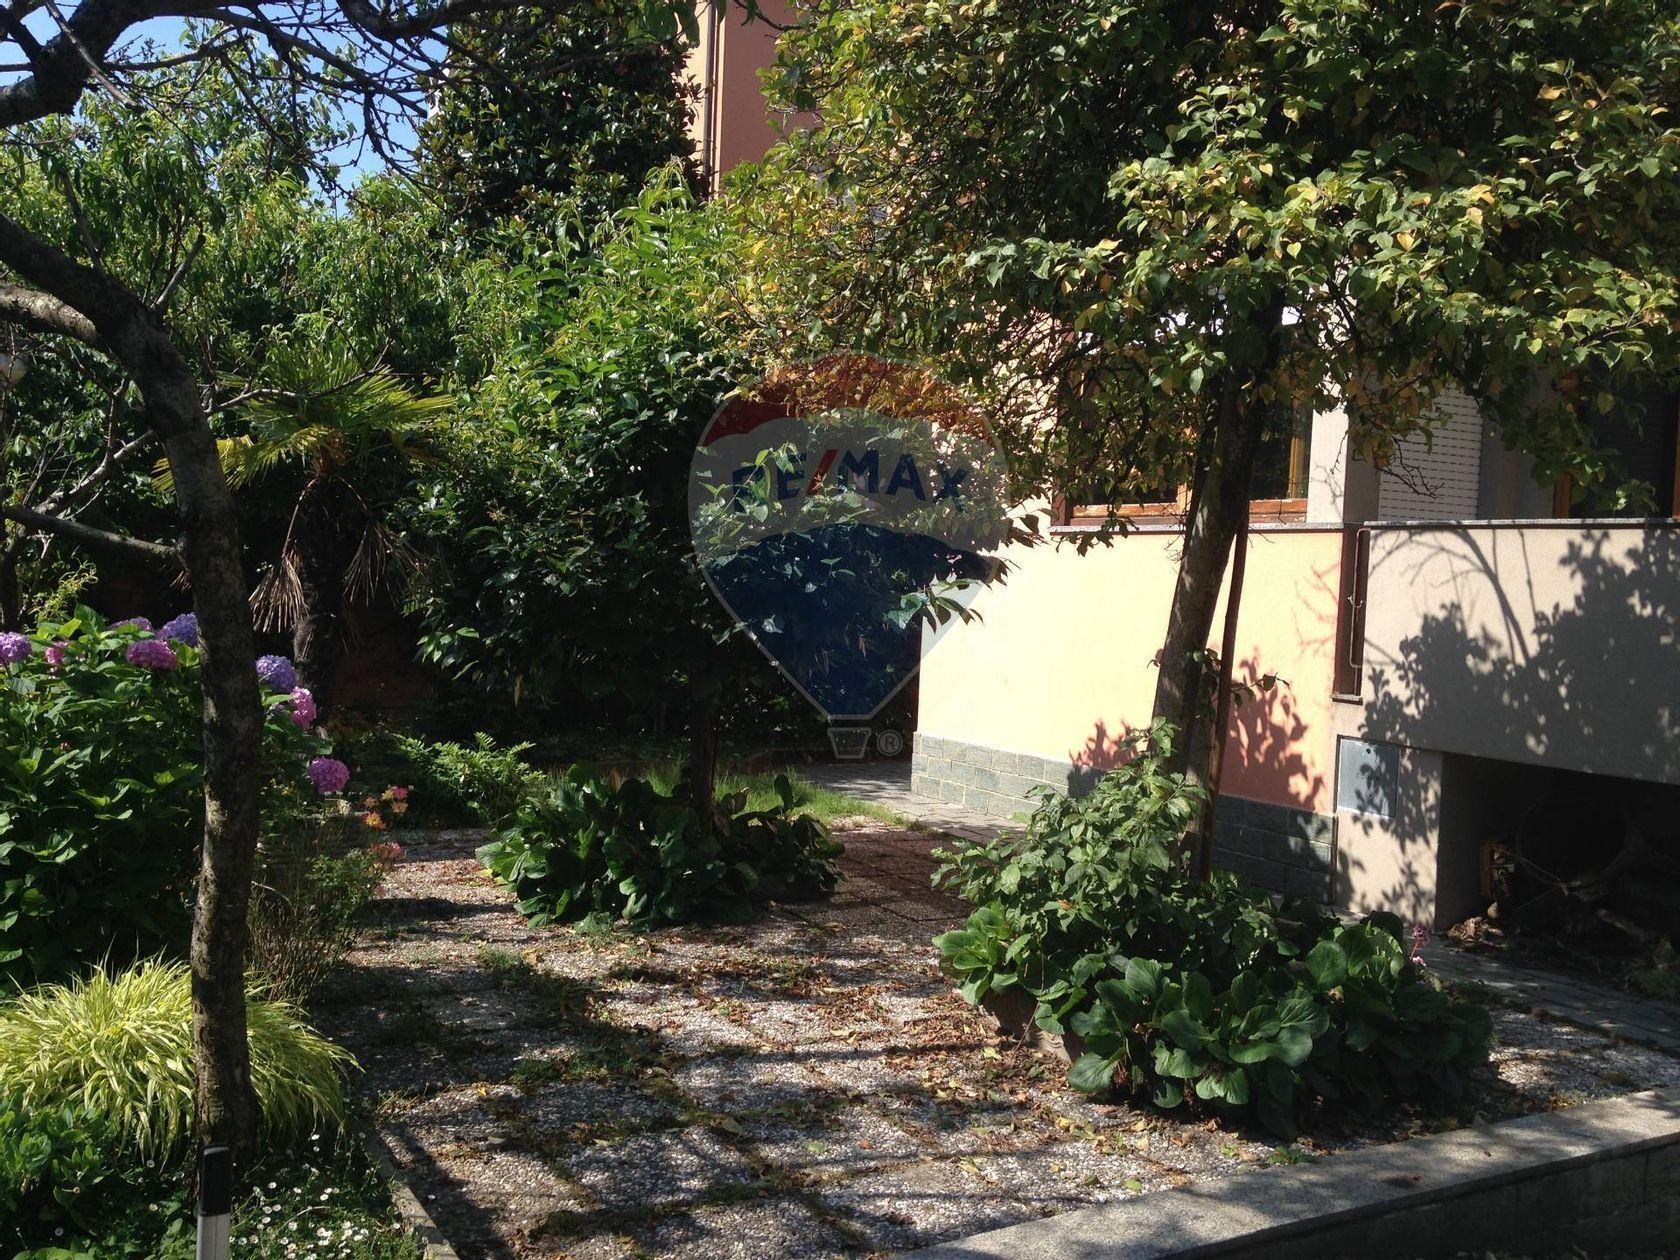 Villa singola Zona San Paolo, Rho, MI Vendita - Foto 11